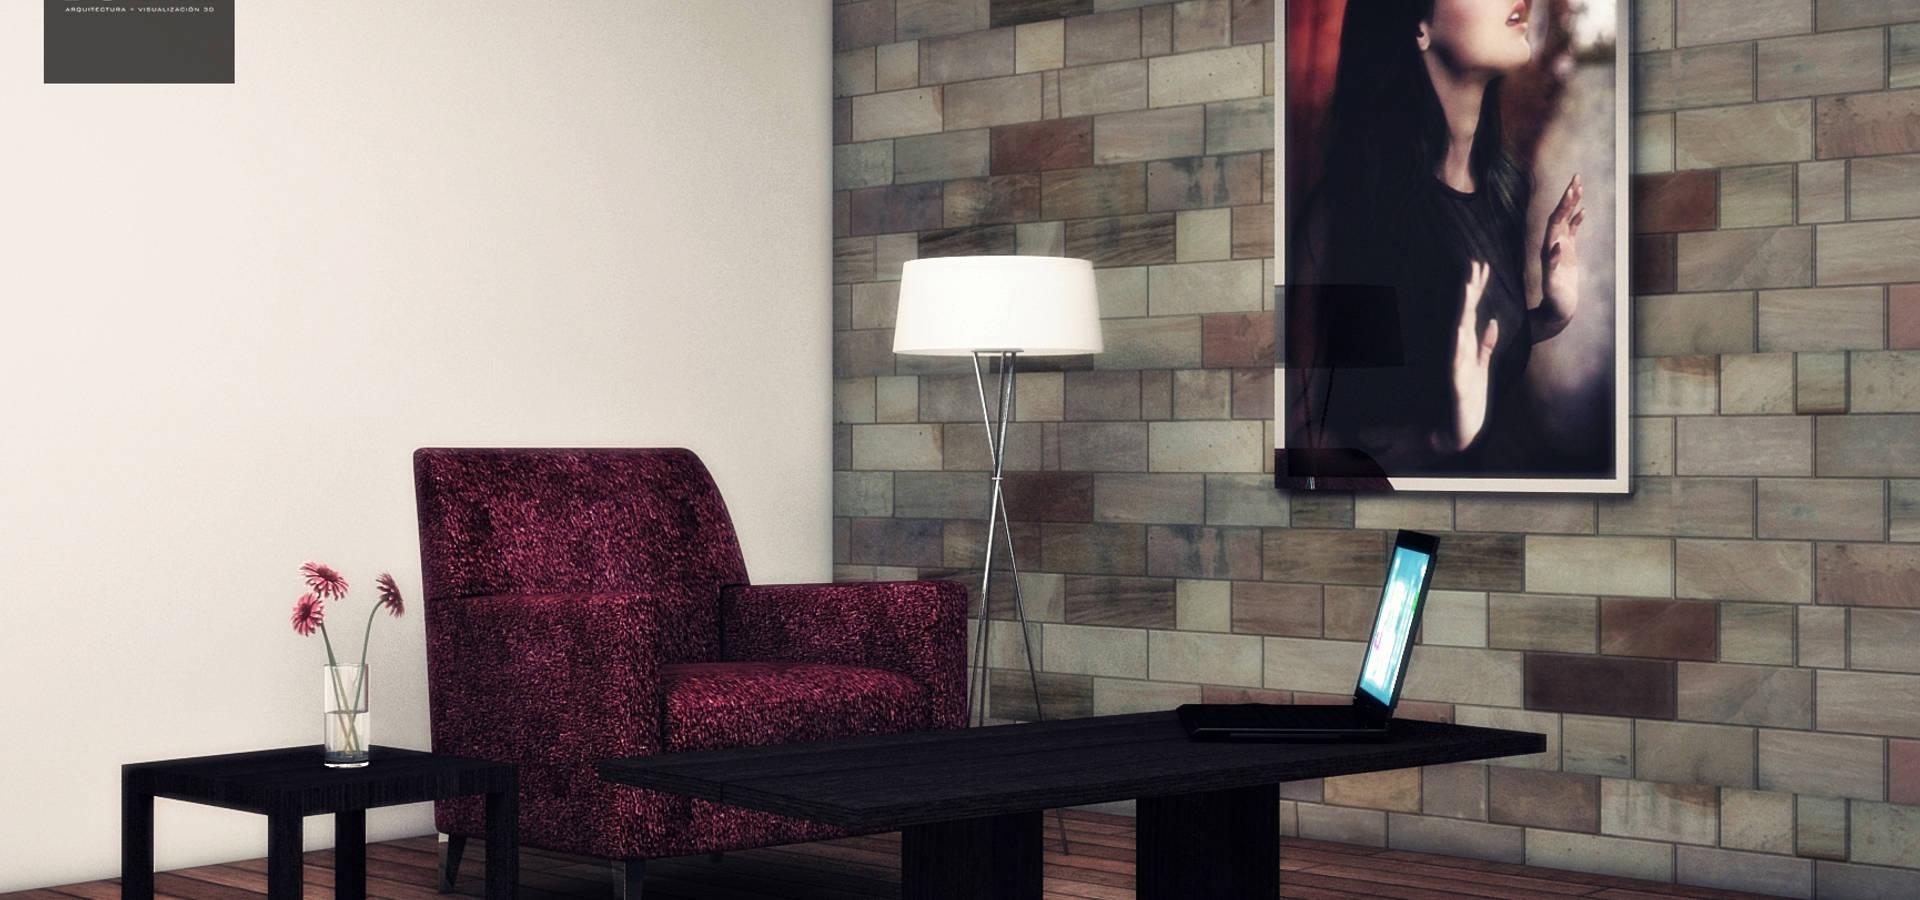 BOHM arquitectura + visualización 3d